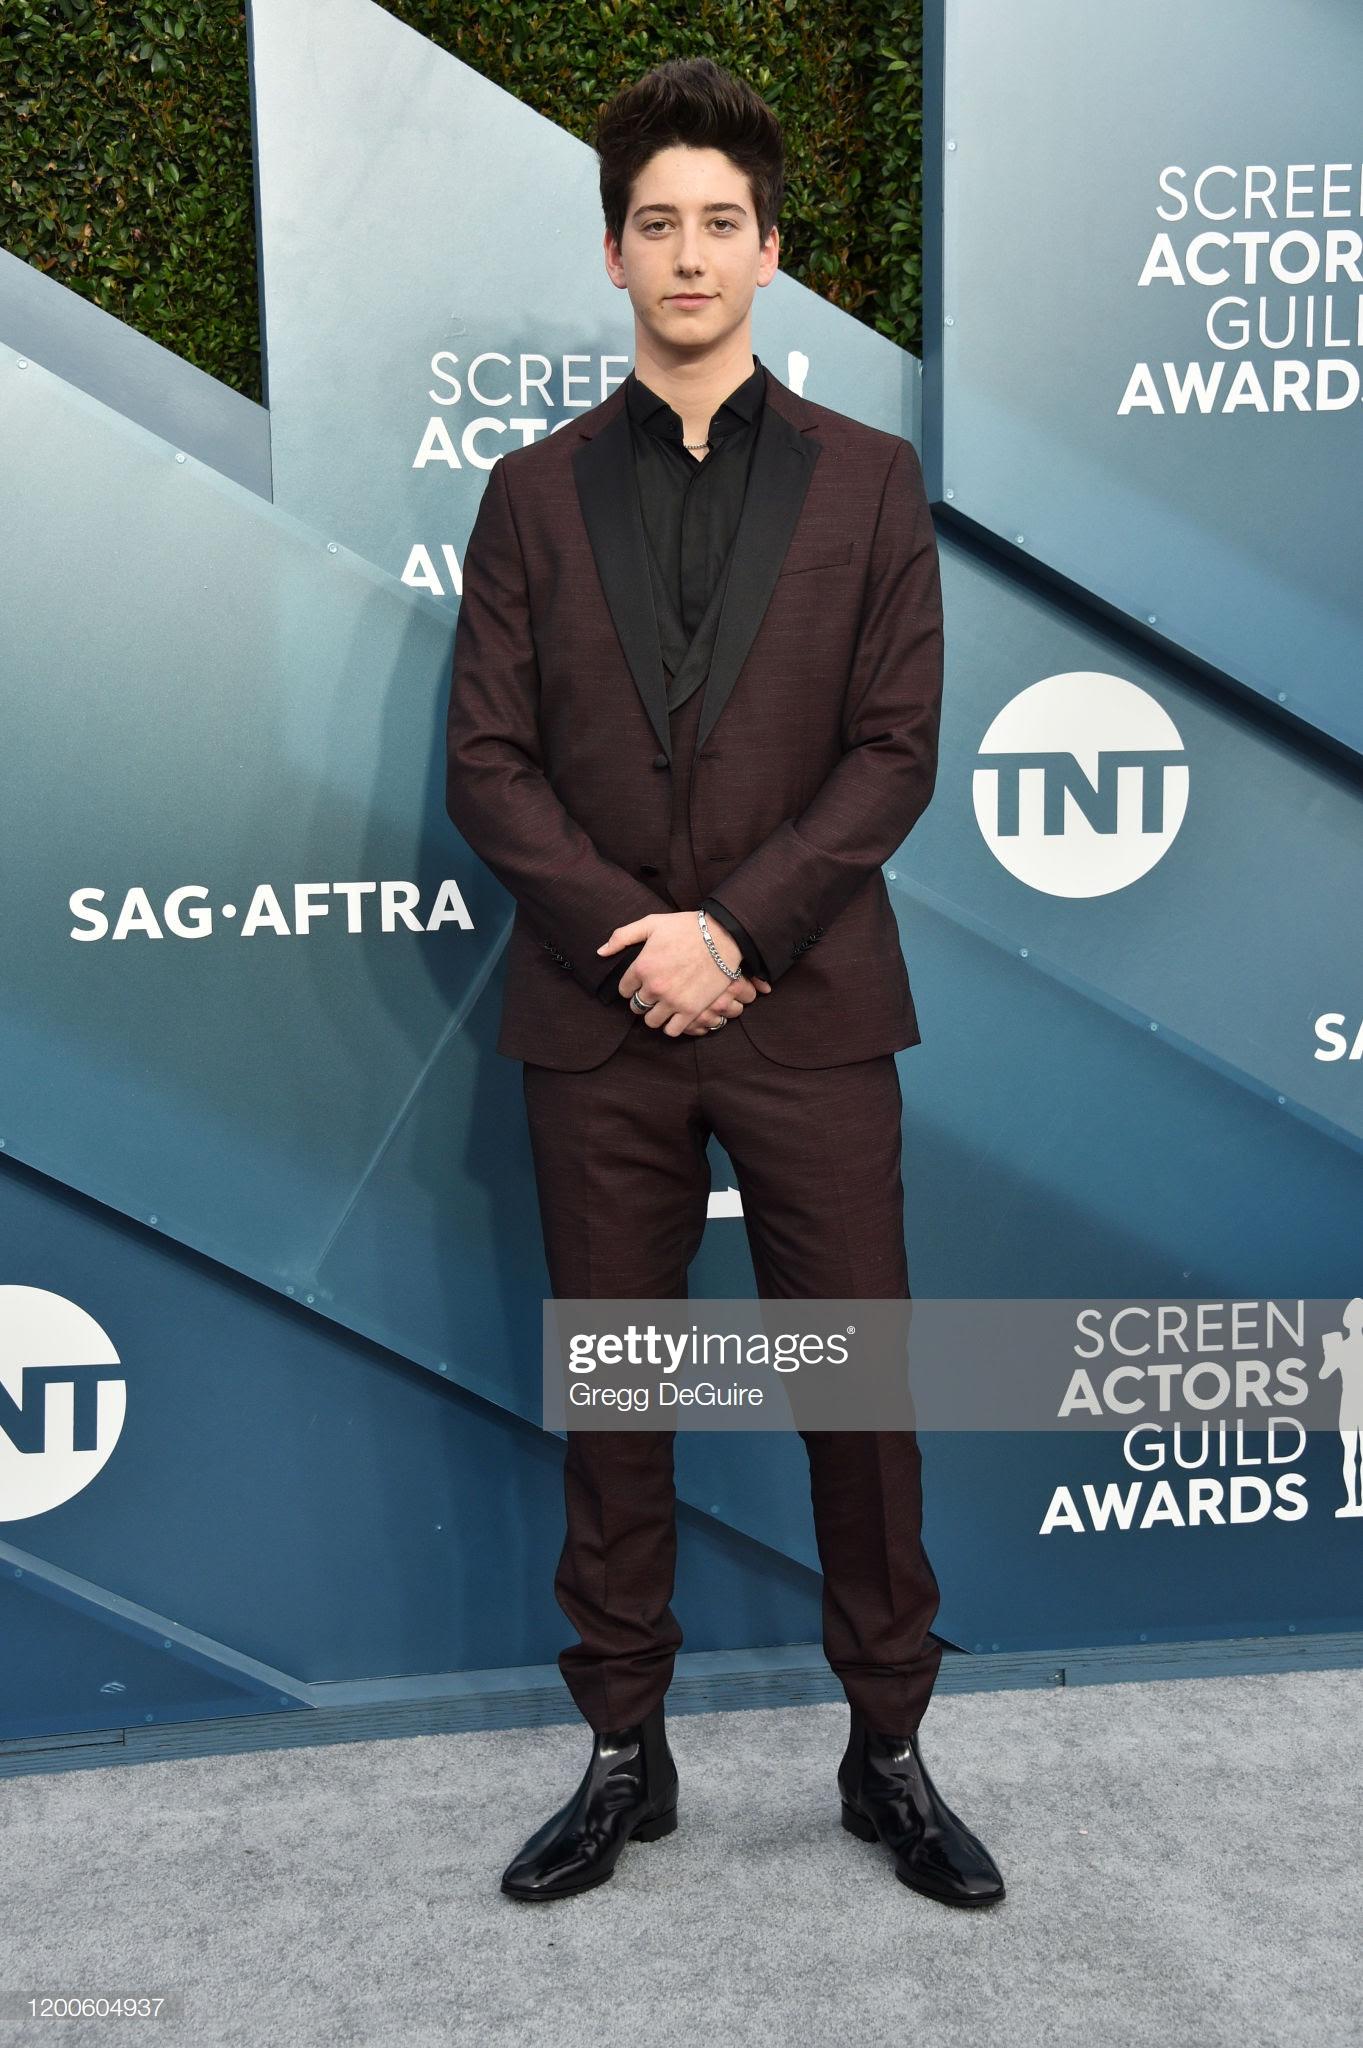 """c2b015c1 c2d5 4976 a384 49fcdd1e54af - Screen Actors Guild Awards"""" 2020: Scarlett Johansson y Leonardo Dicaprio entre las celebrities que lucieron Jimmy Choo"""